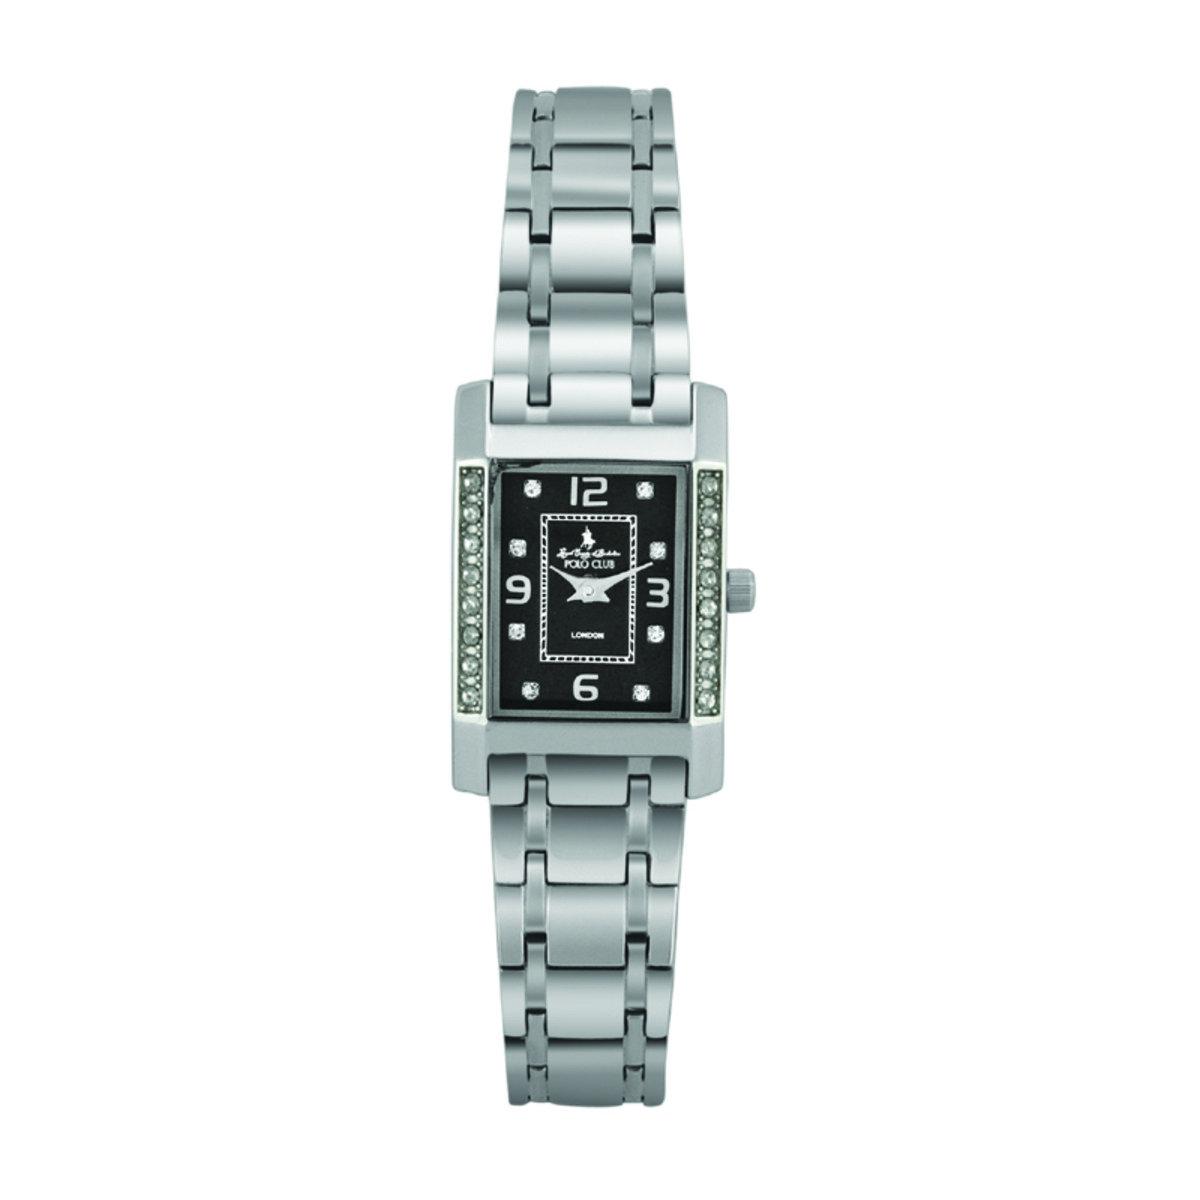 PL092-575BK-G Watch